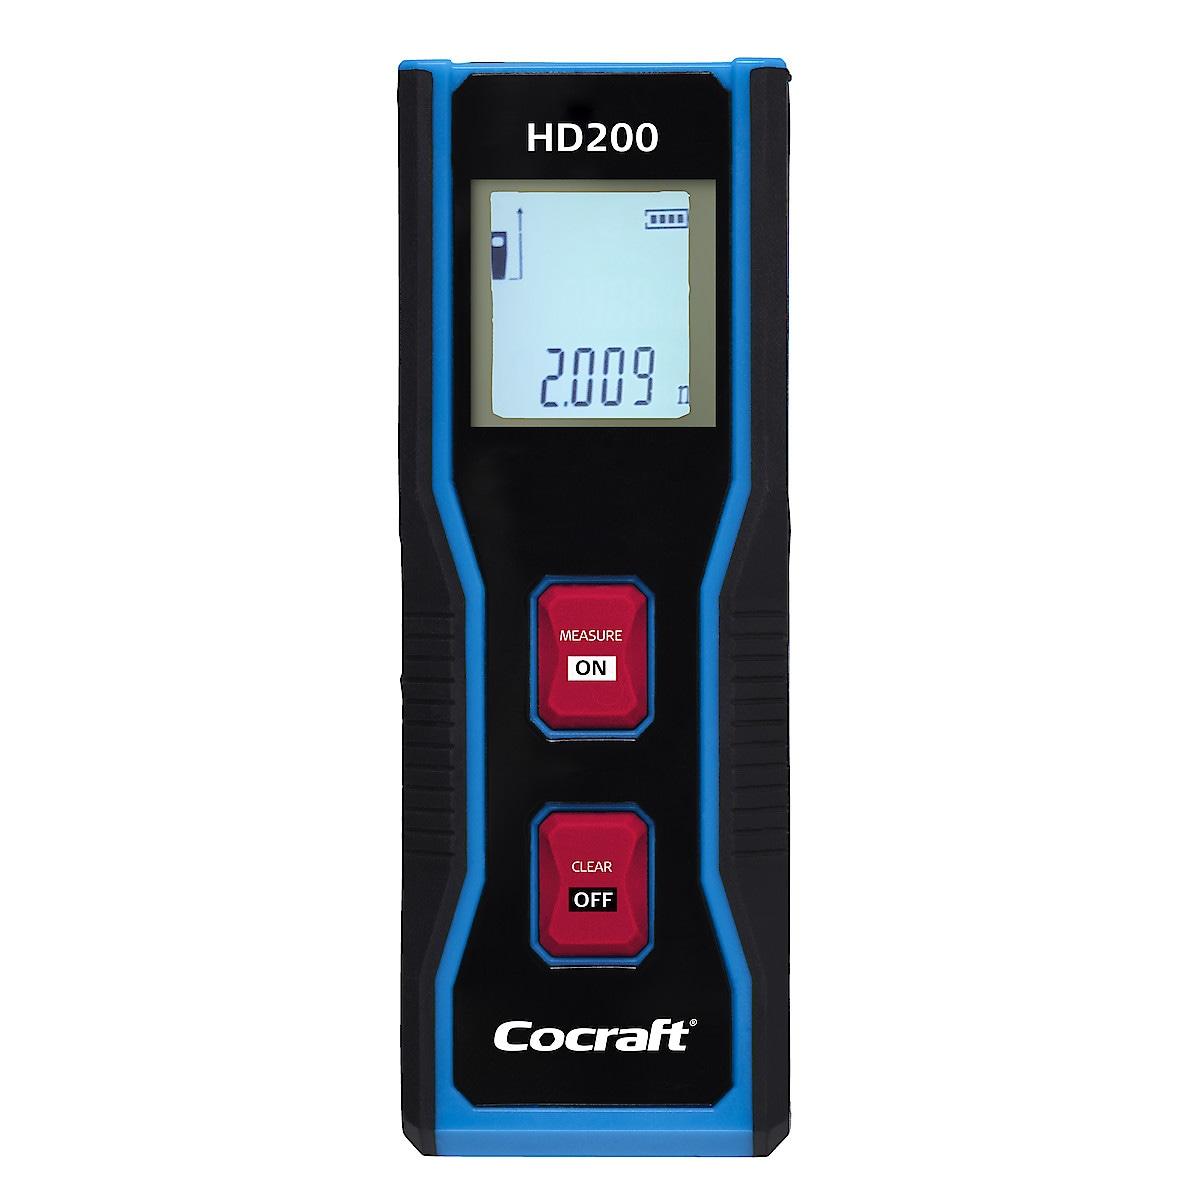 Entfernungsmesser Cocraft HD 200